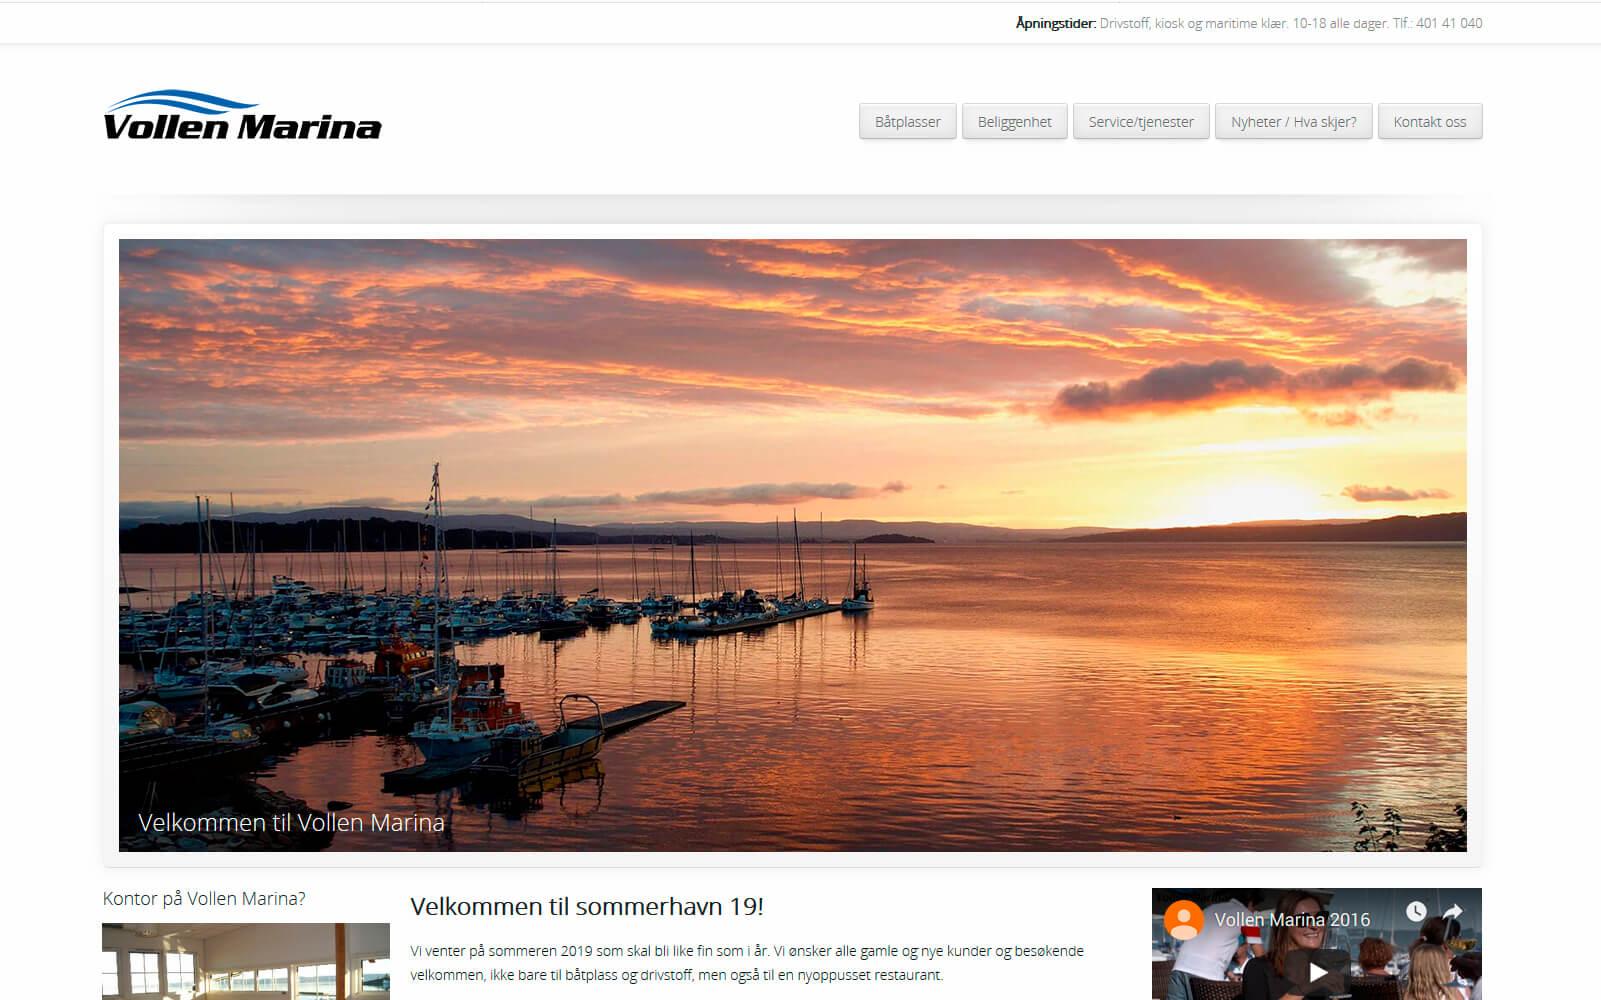 Vollen Marina web